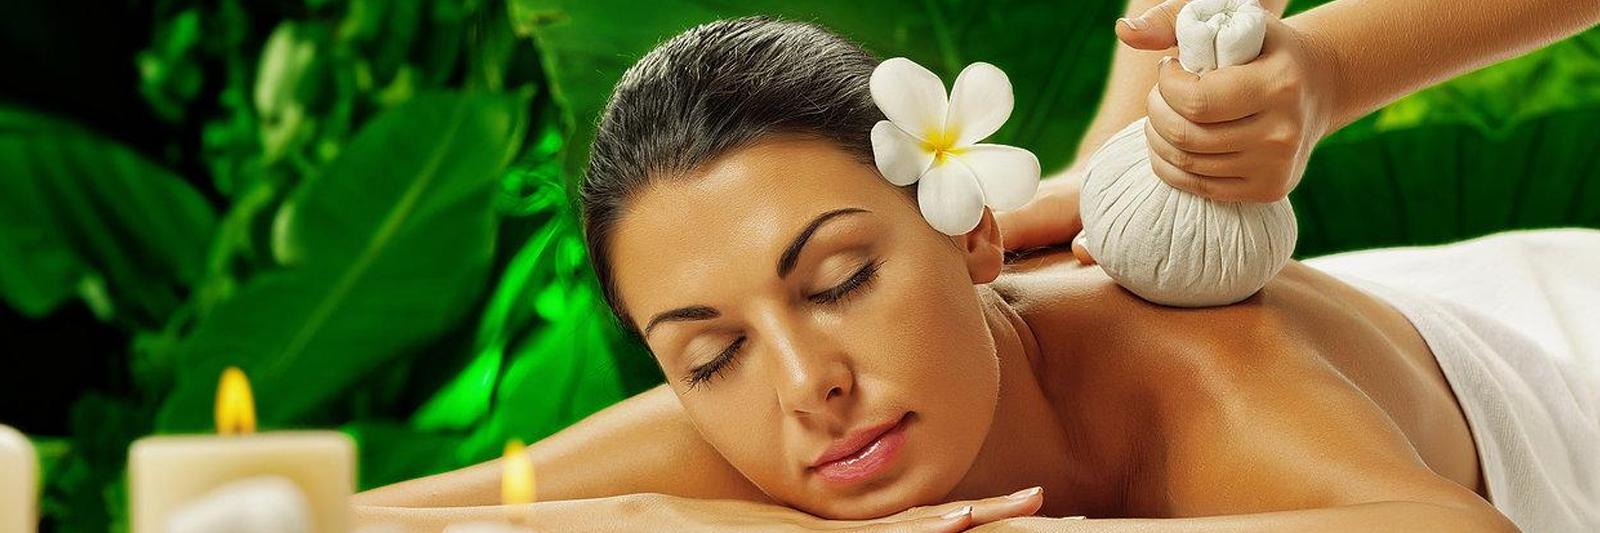 Kropspleje med blandt andet massage og slankebehandling